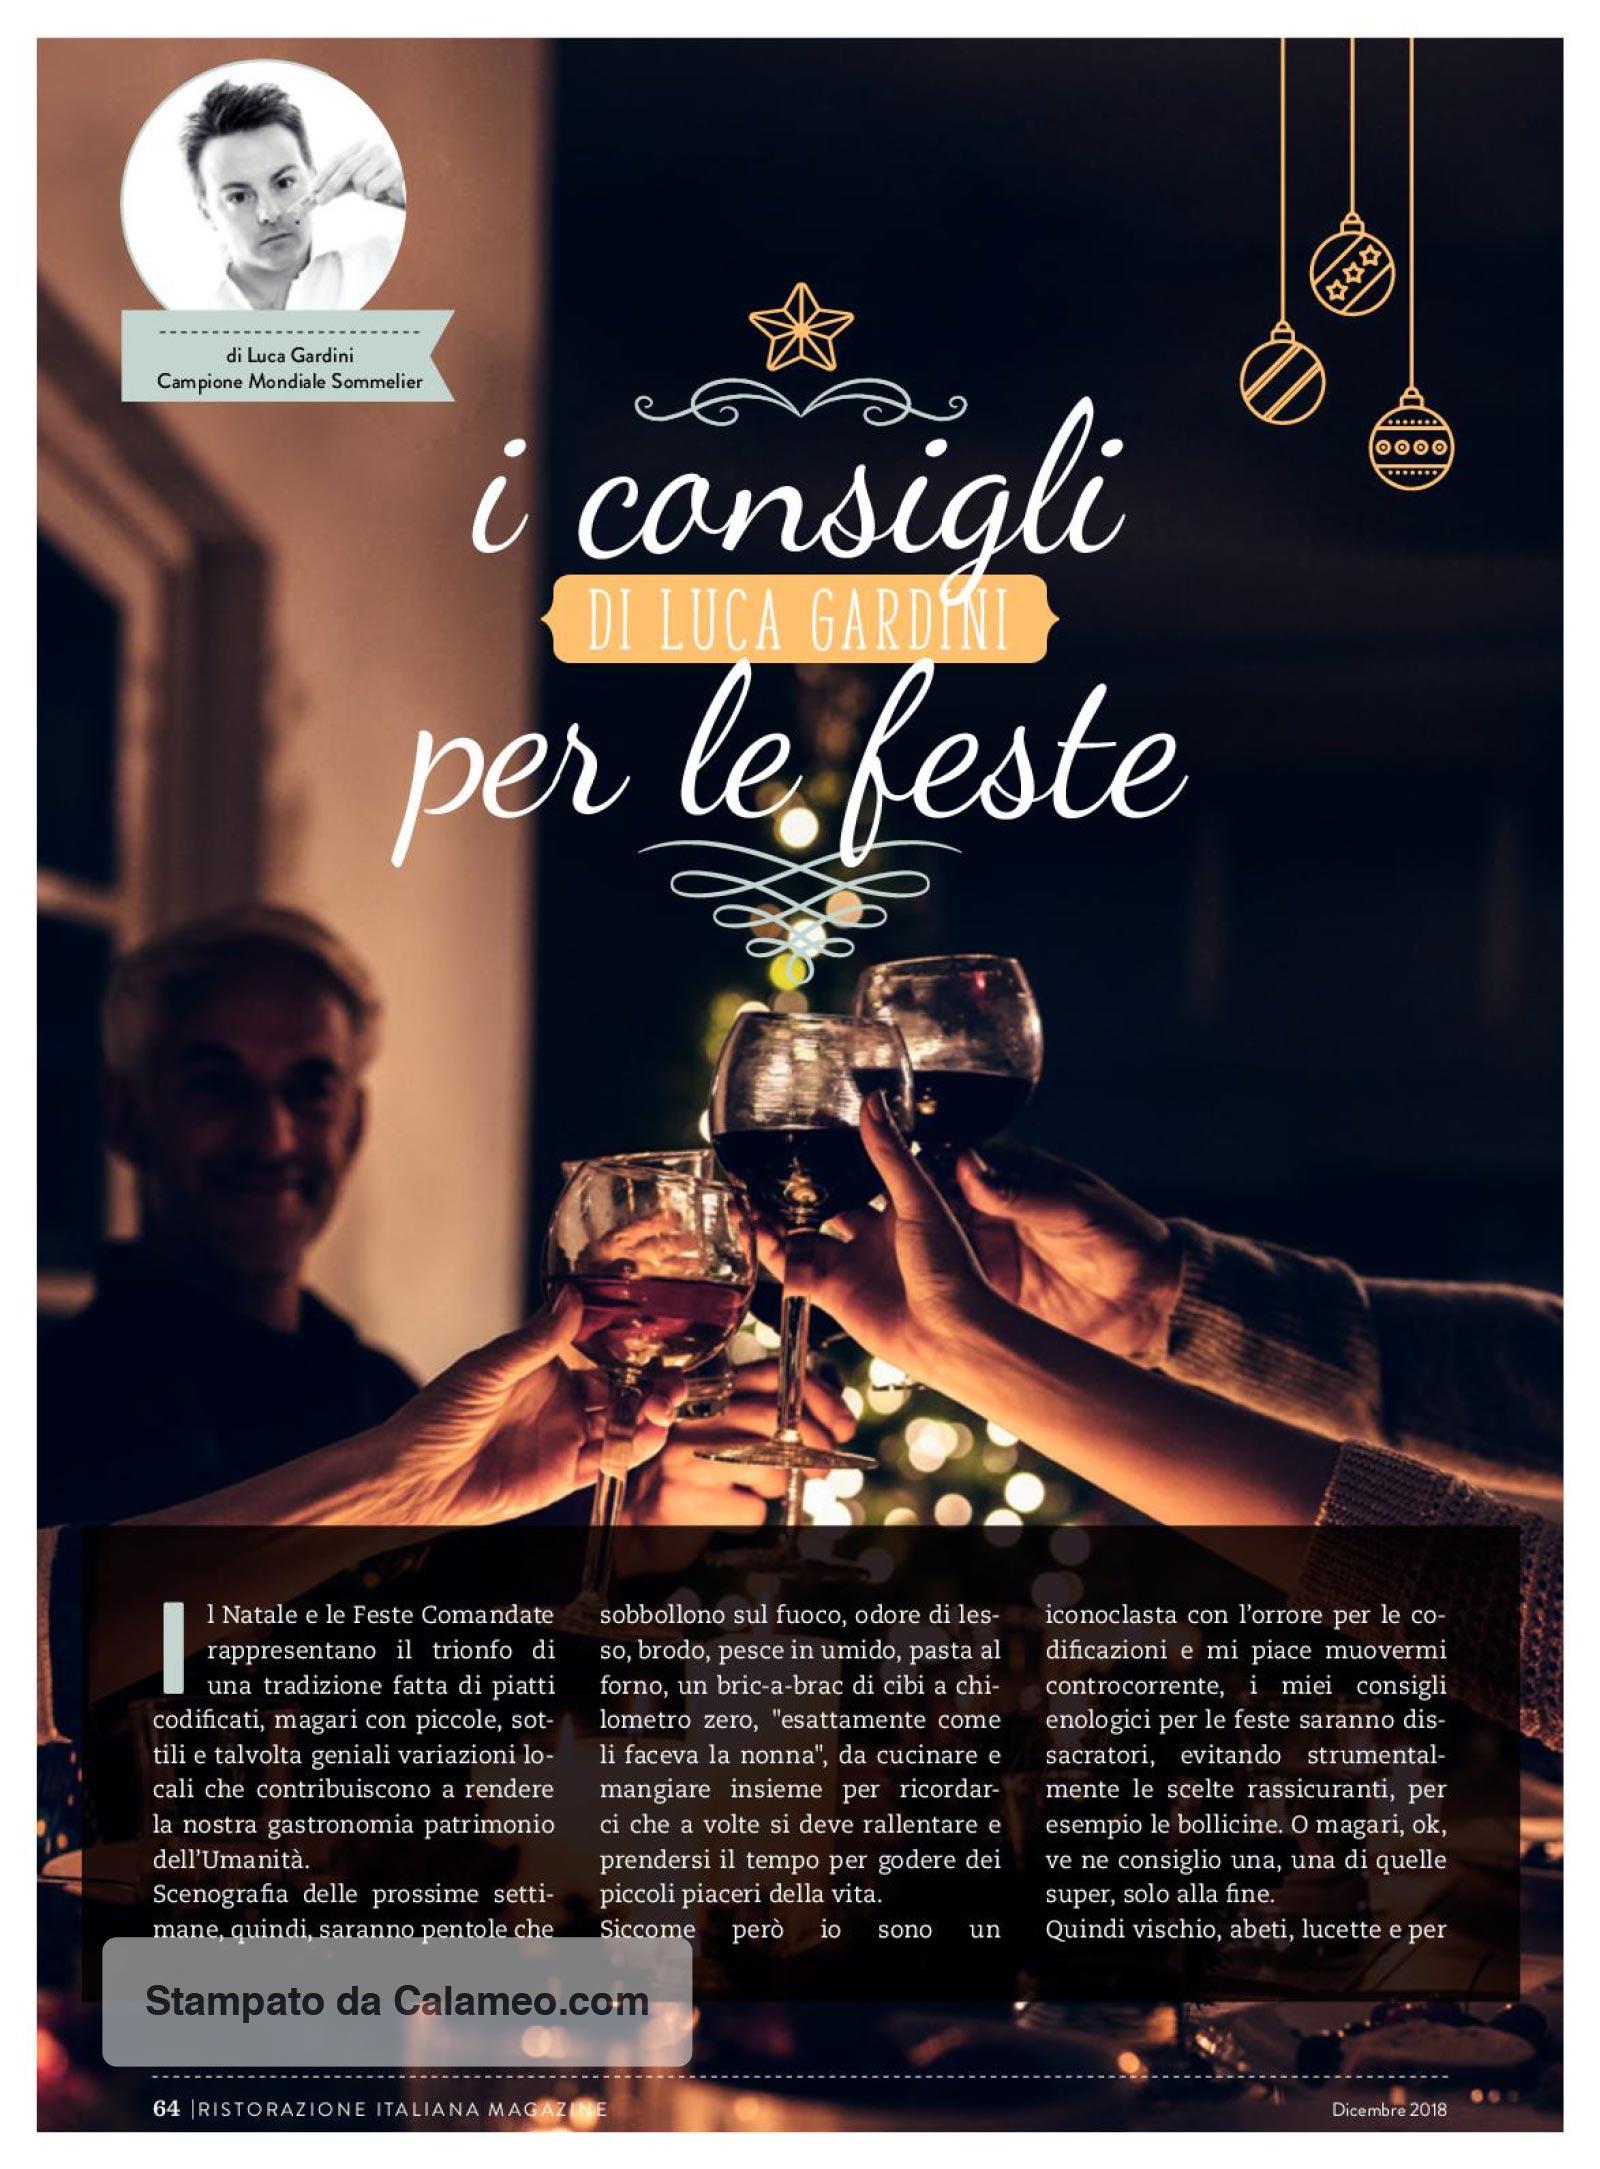 Tenuta di Fessina - Ristorazione Italiana - I Consigli per le feste